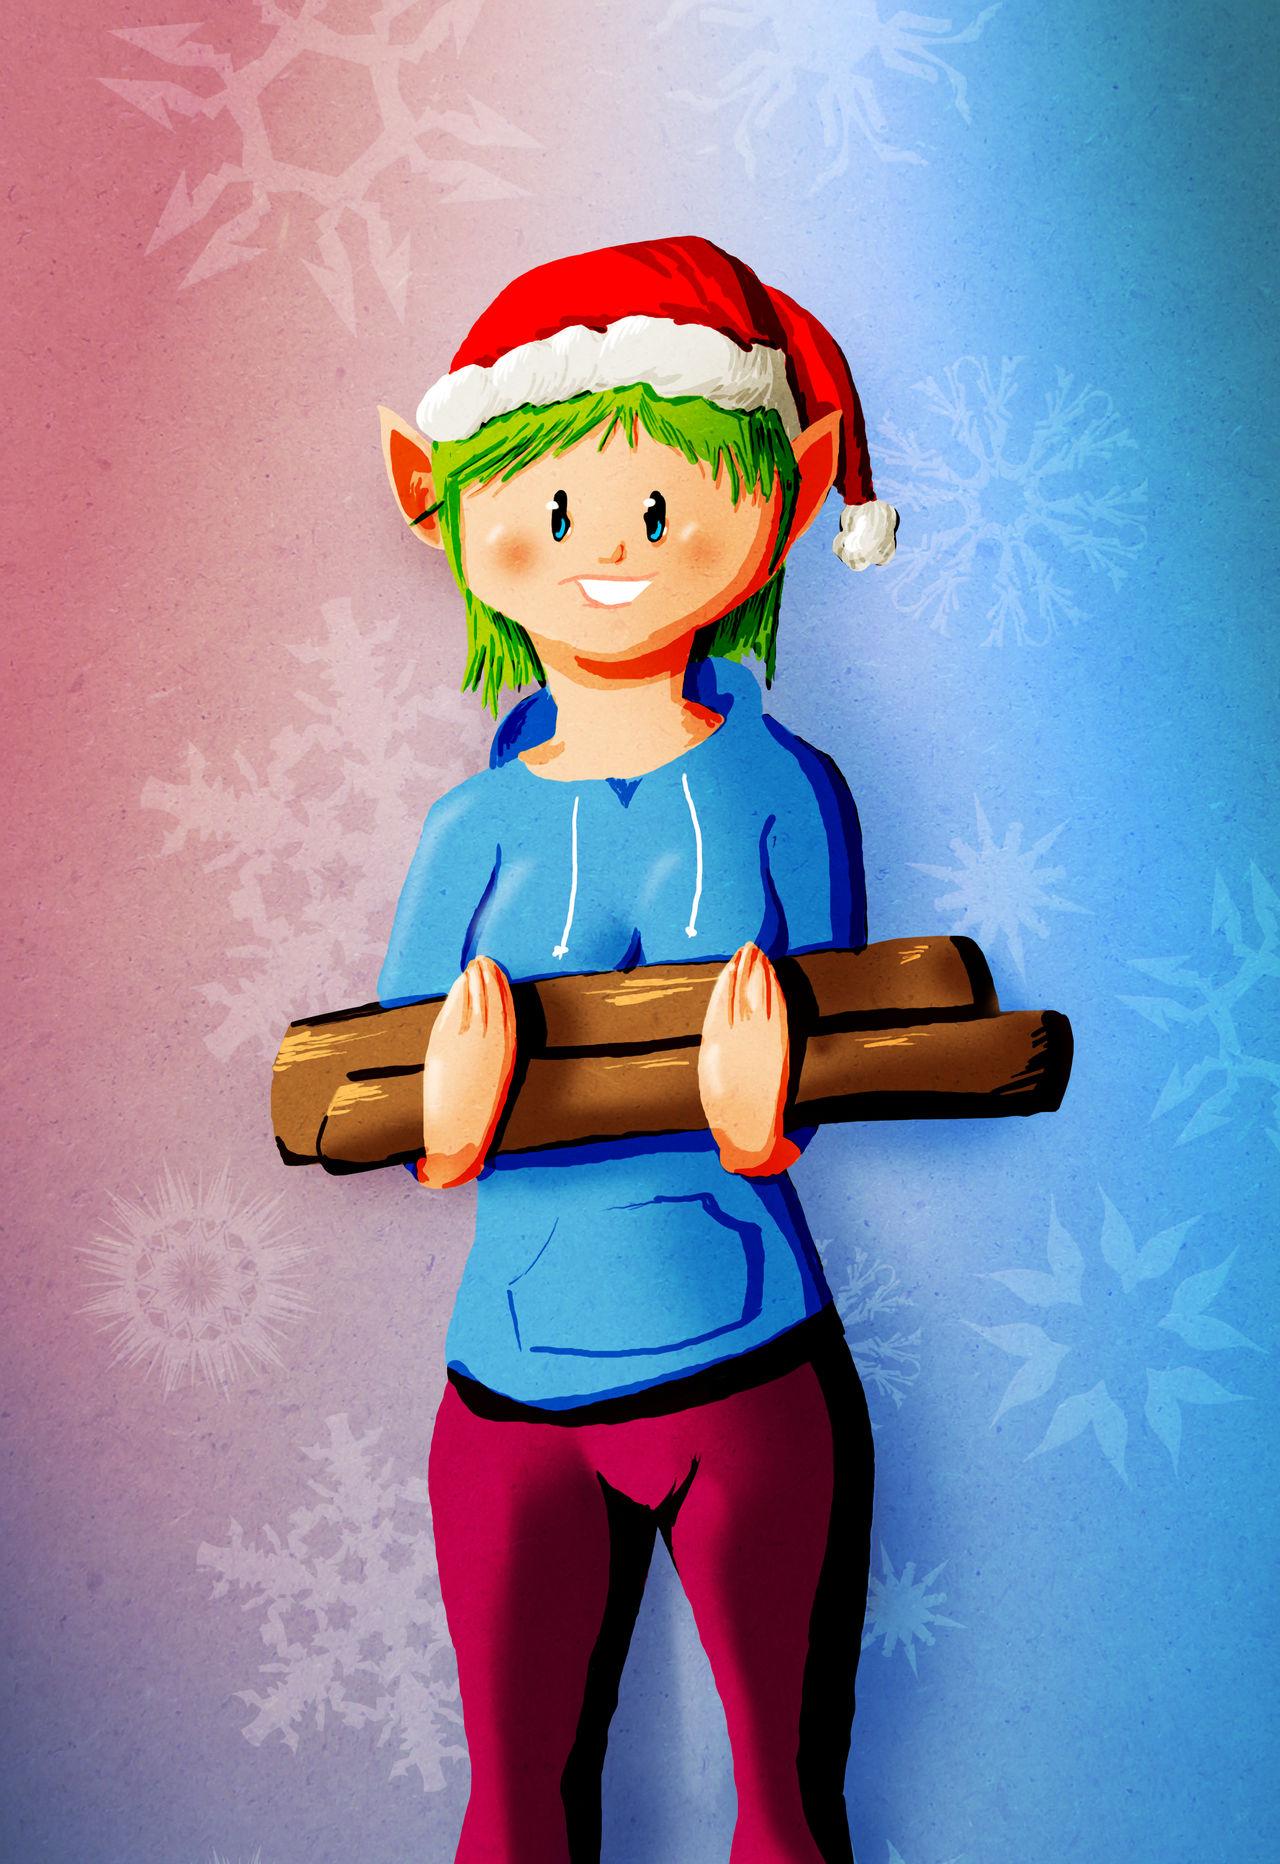 Elf Help by tekitsune